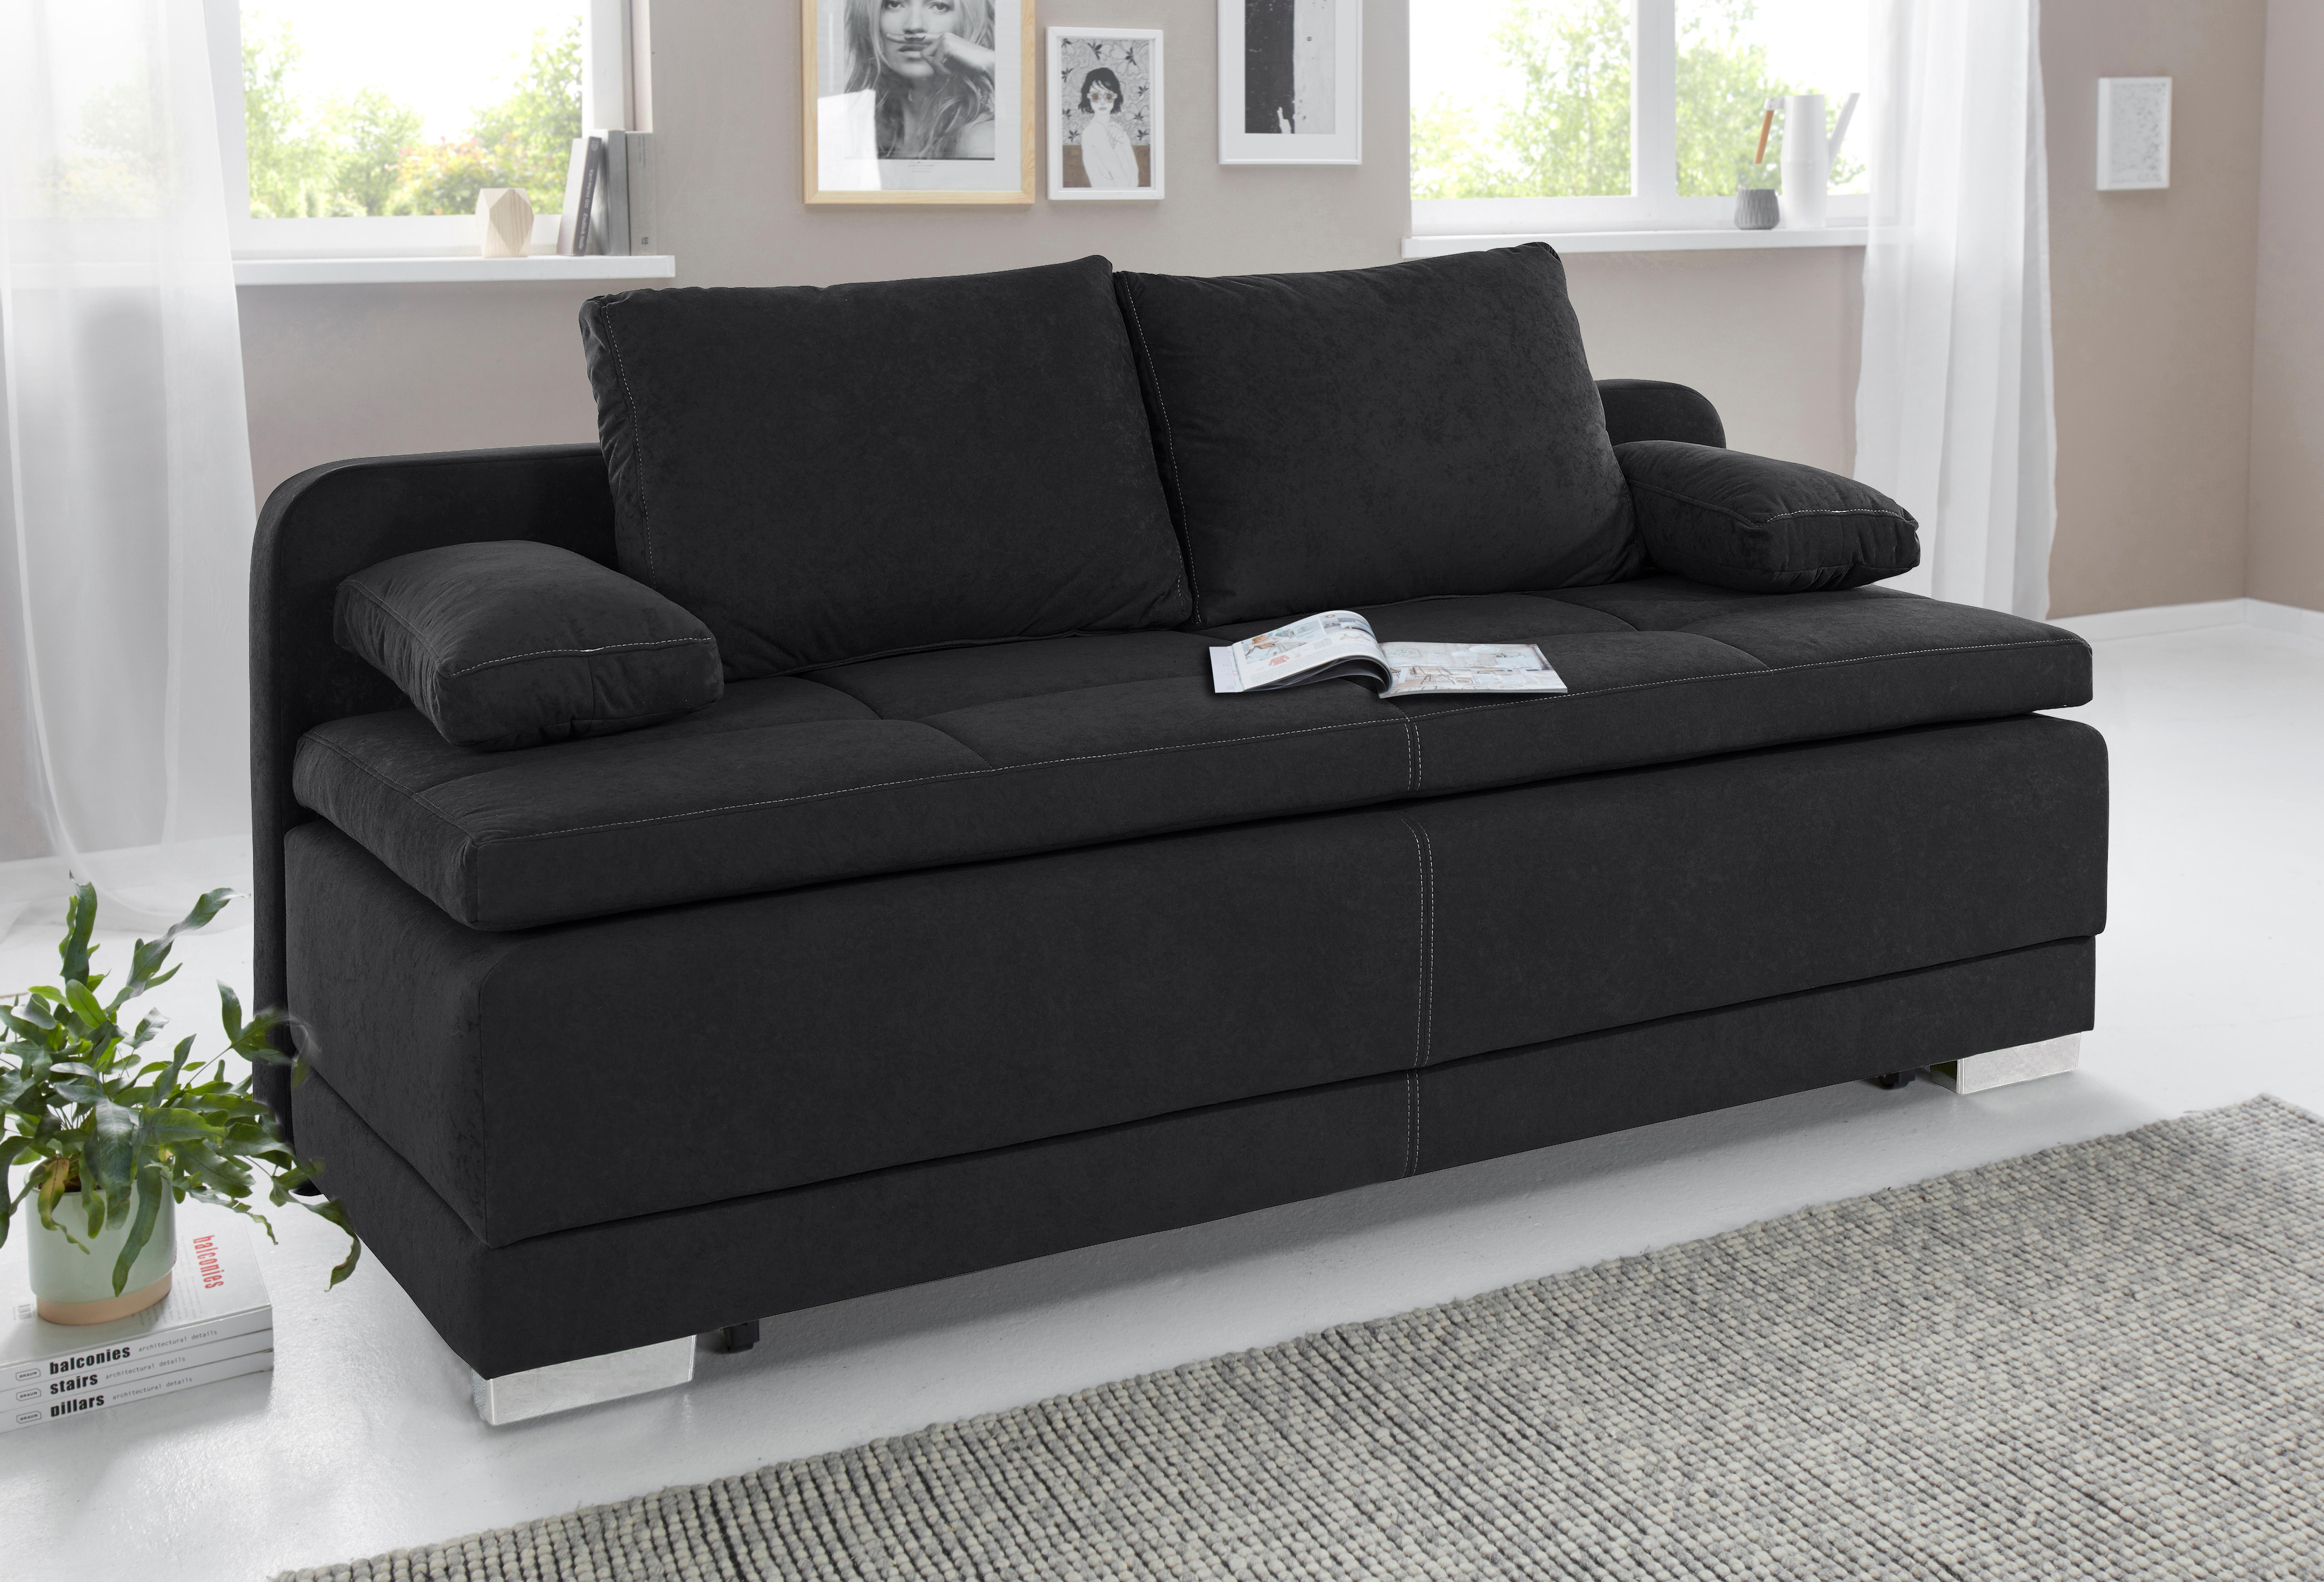 COLLECTION AB Schlafsofa, mit Bettfunktion und Bettkasten, frei im Raum ste günstig online kaufen